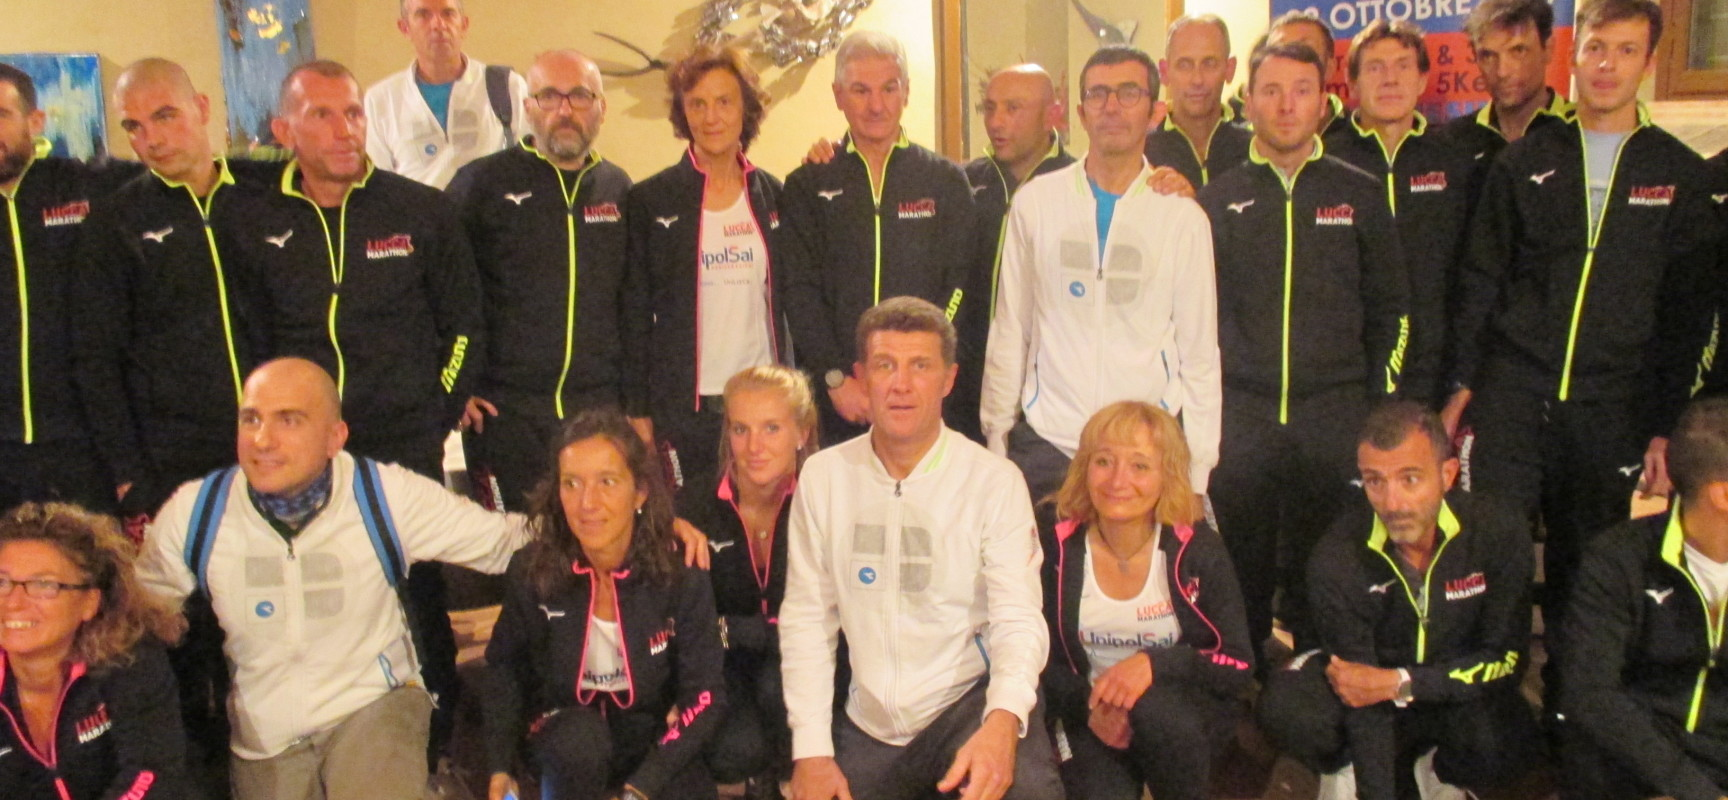 Lucca Marathon presenta la squadra e l'organizzazione in vista della Maratona di Lucca